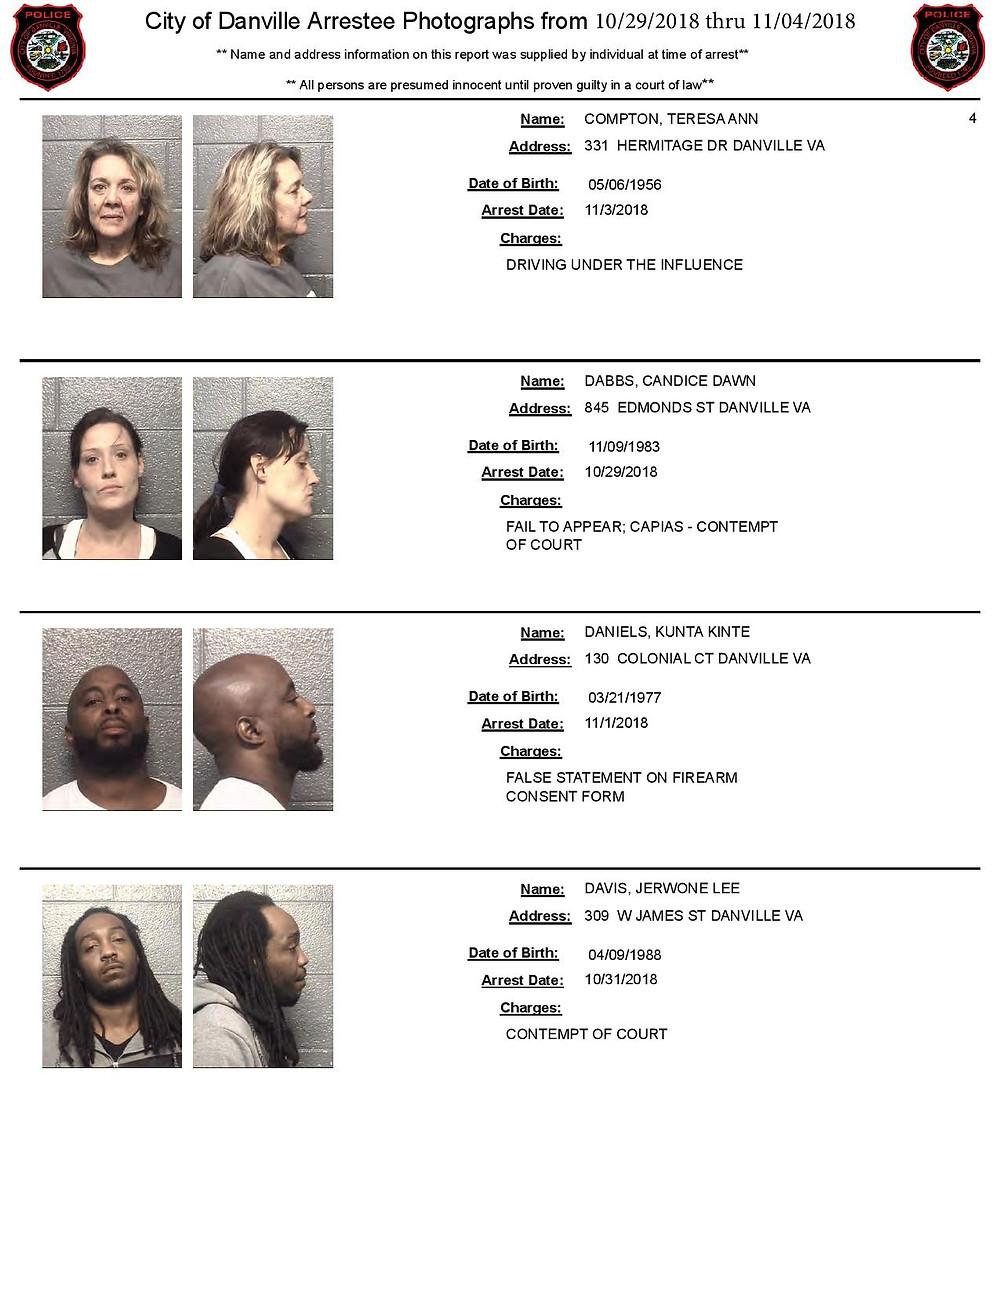 danville arrest photos